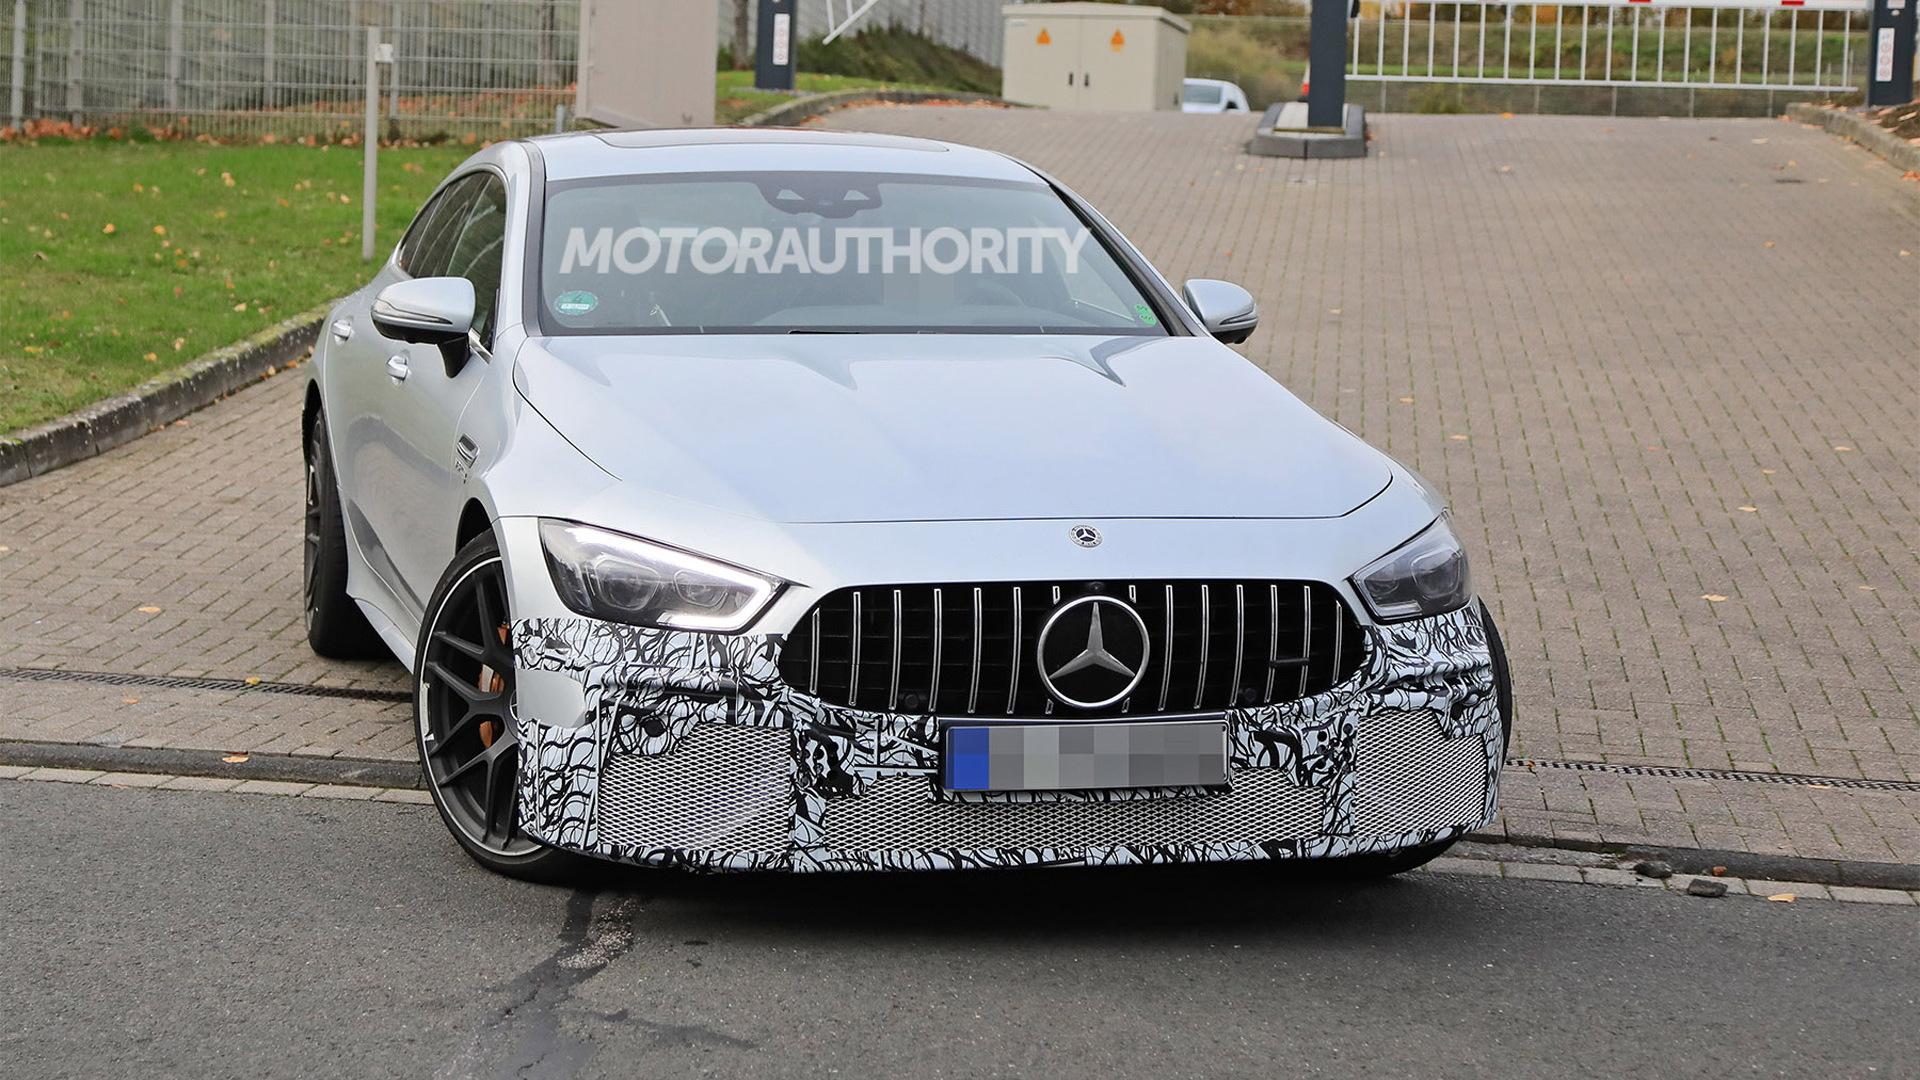 2022 Mercedes-AMG GT 4-Door Coupe facelift spy shots - Photo credit:S. Baldauf/SB-Medien